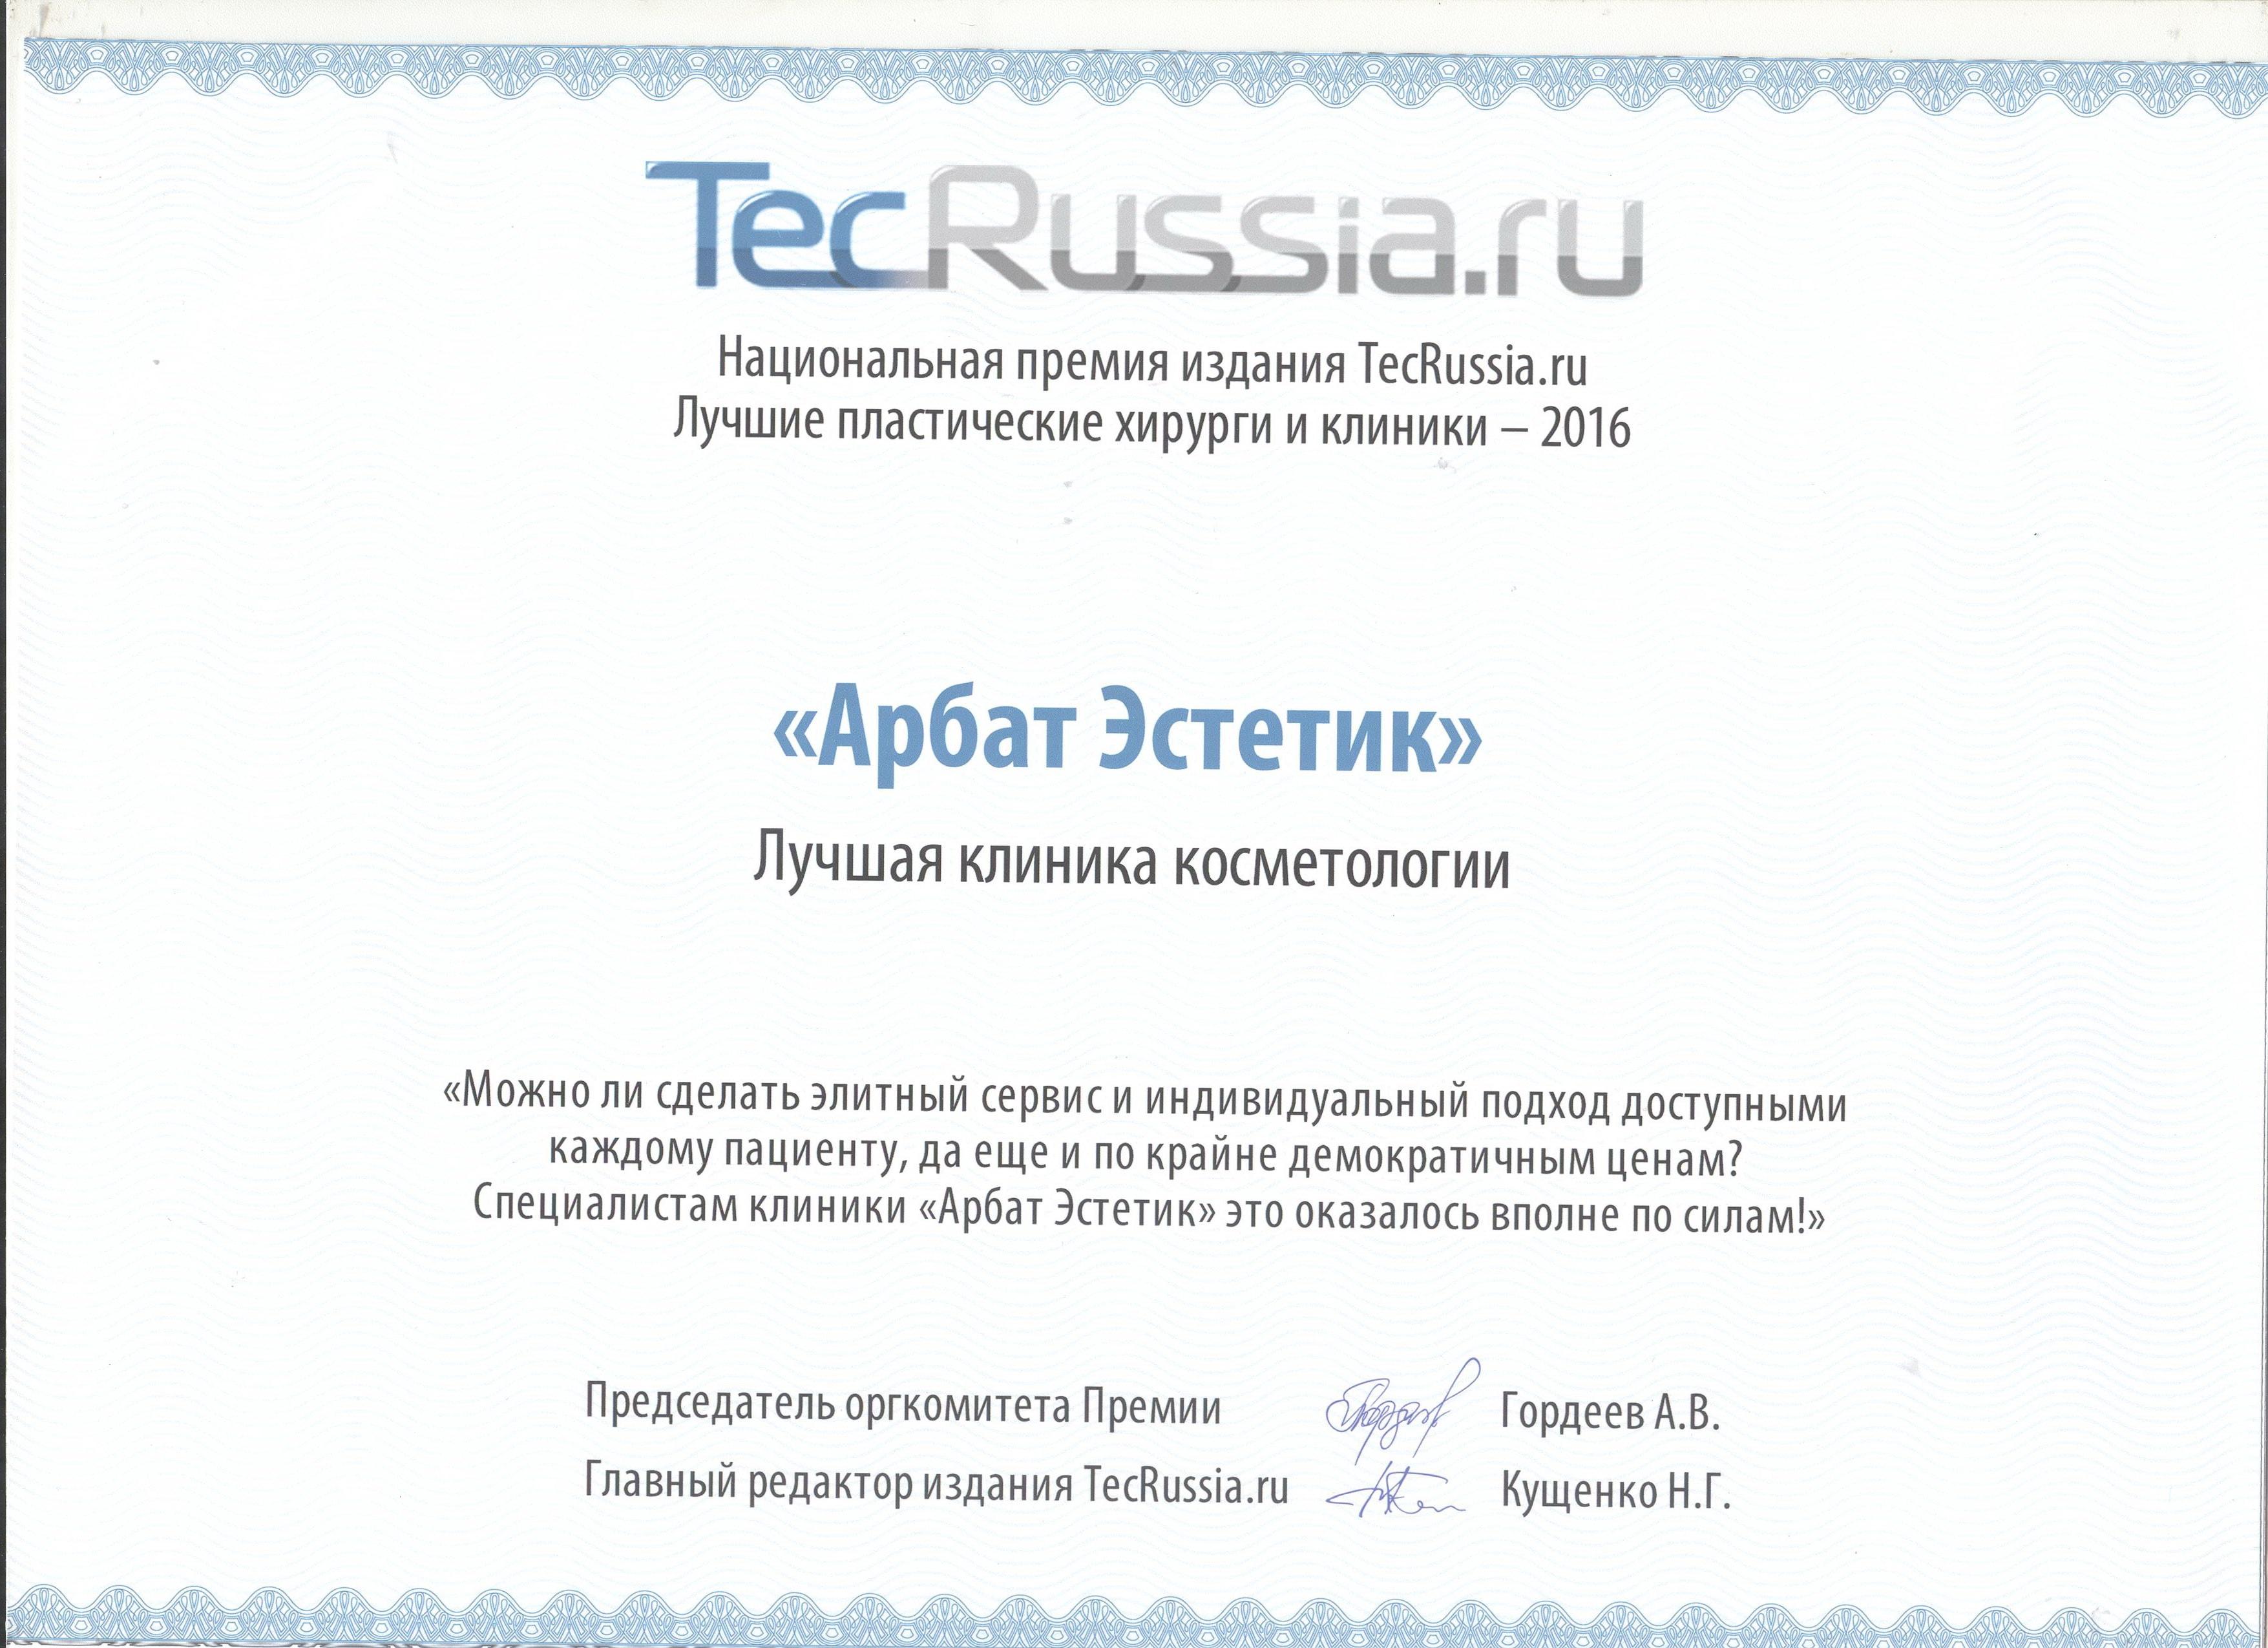 лучшая клиники по версии портала TecRussia.ru в 2016 — Арбат Эстетик